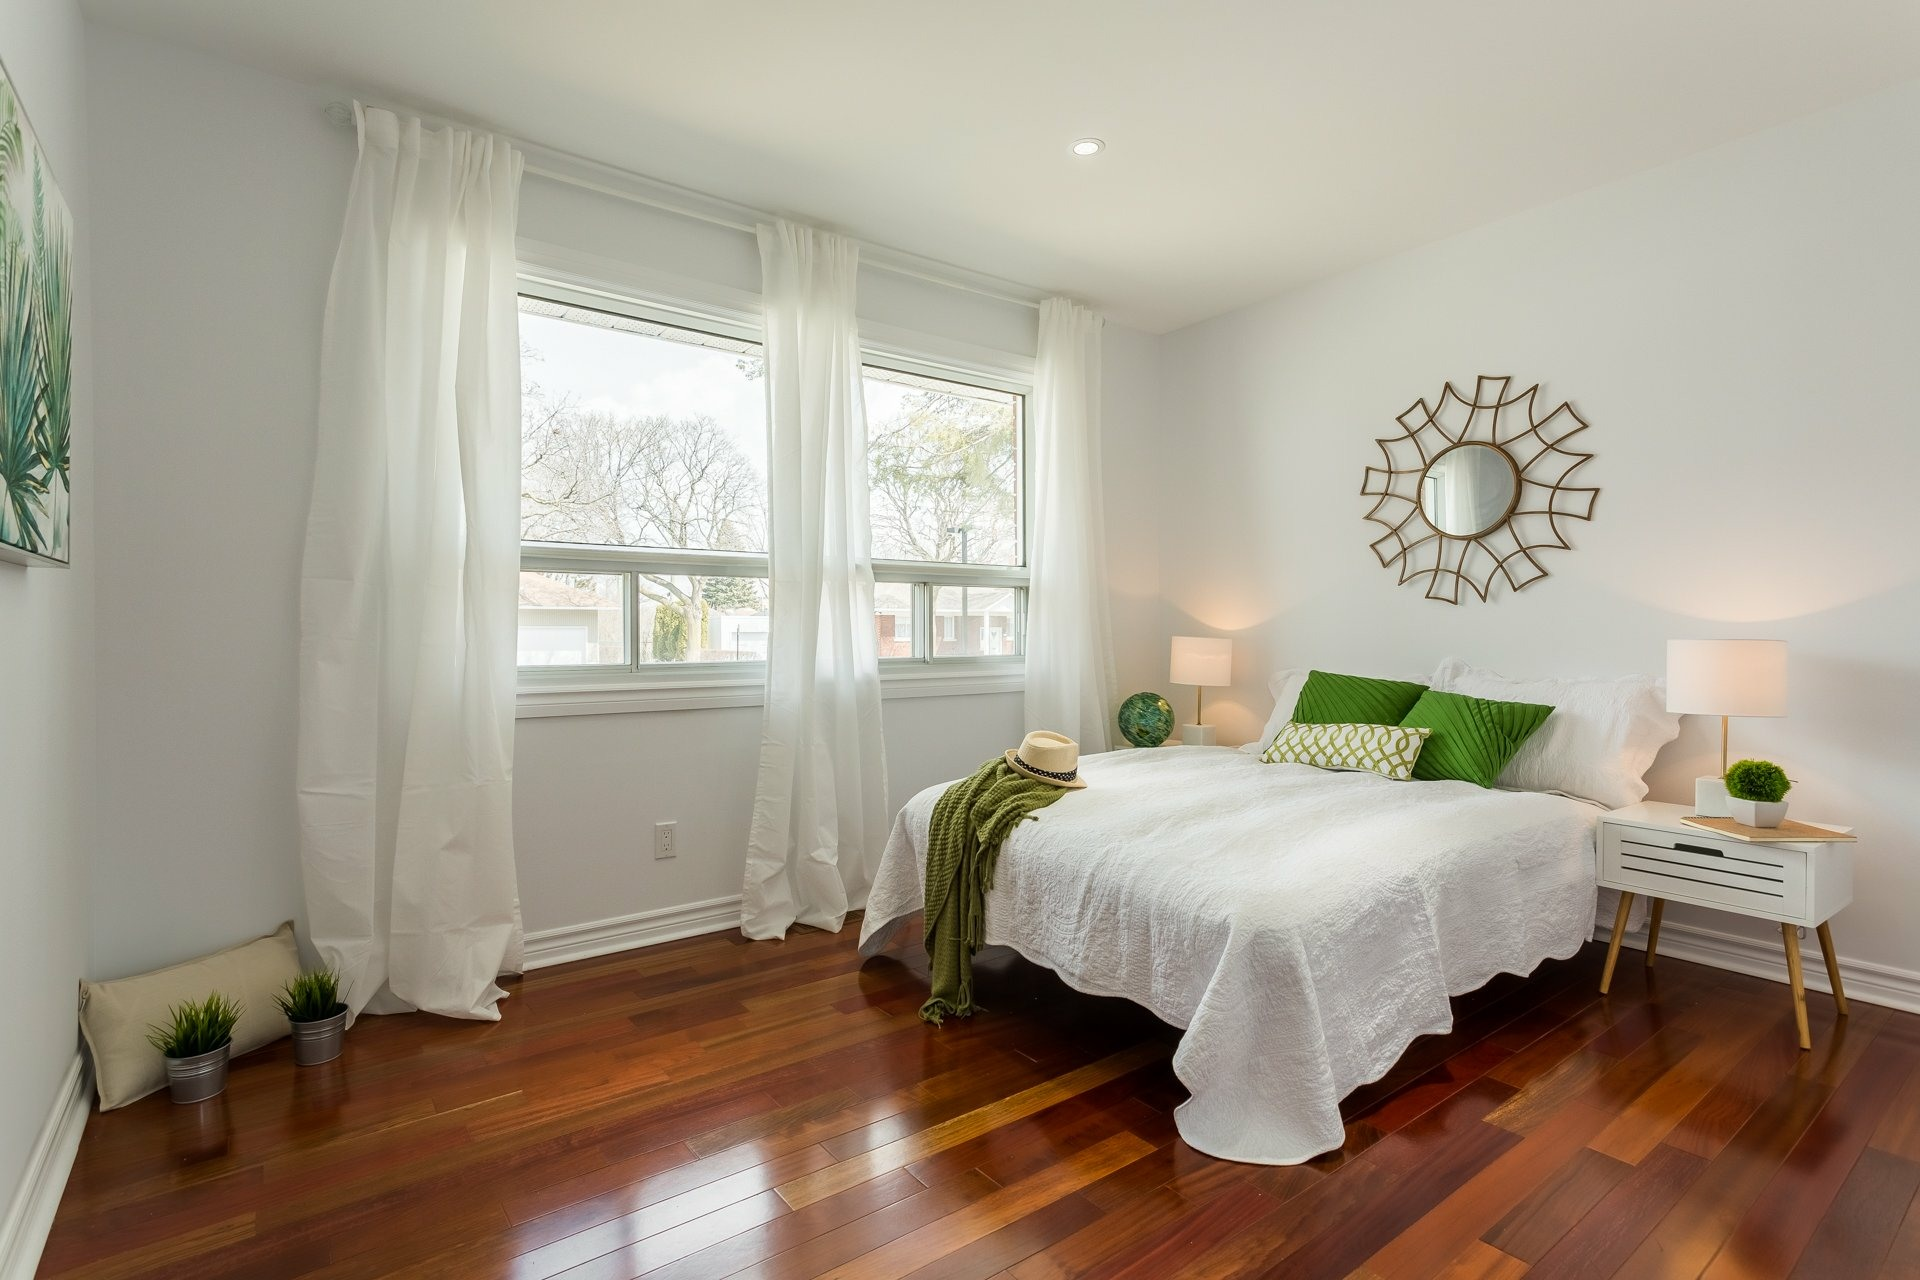 image 7 - House For sale Montréal Rosemont/La Petite-Patrie  - 6 rooms